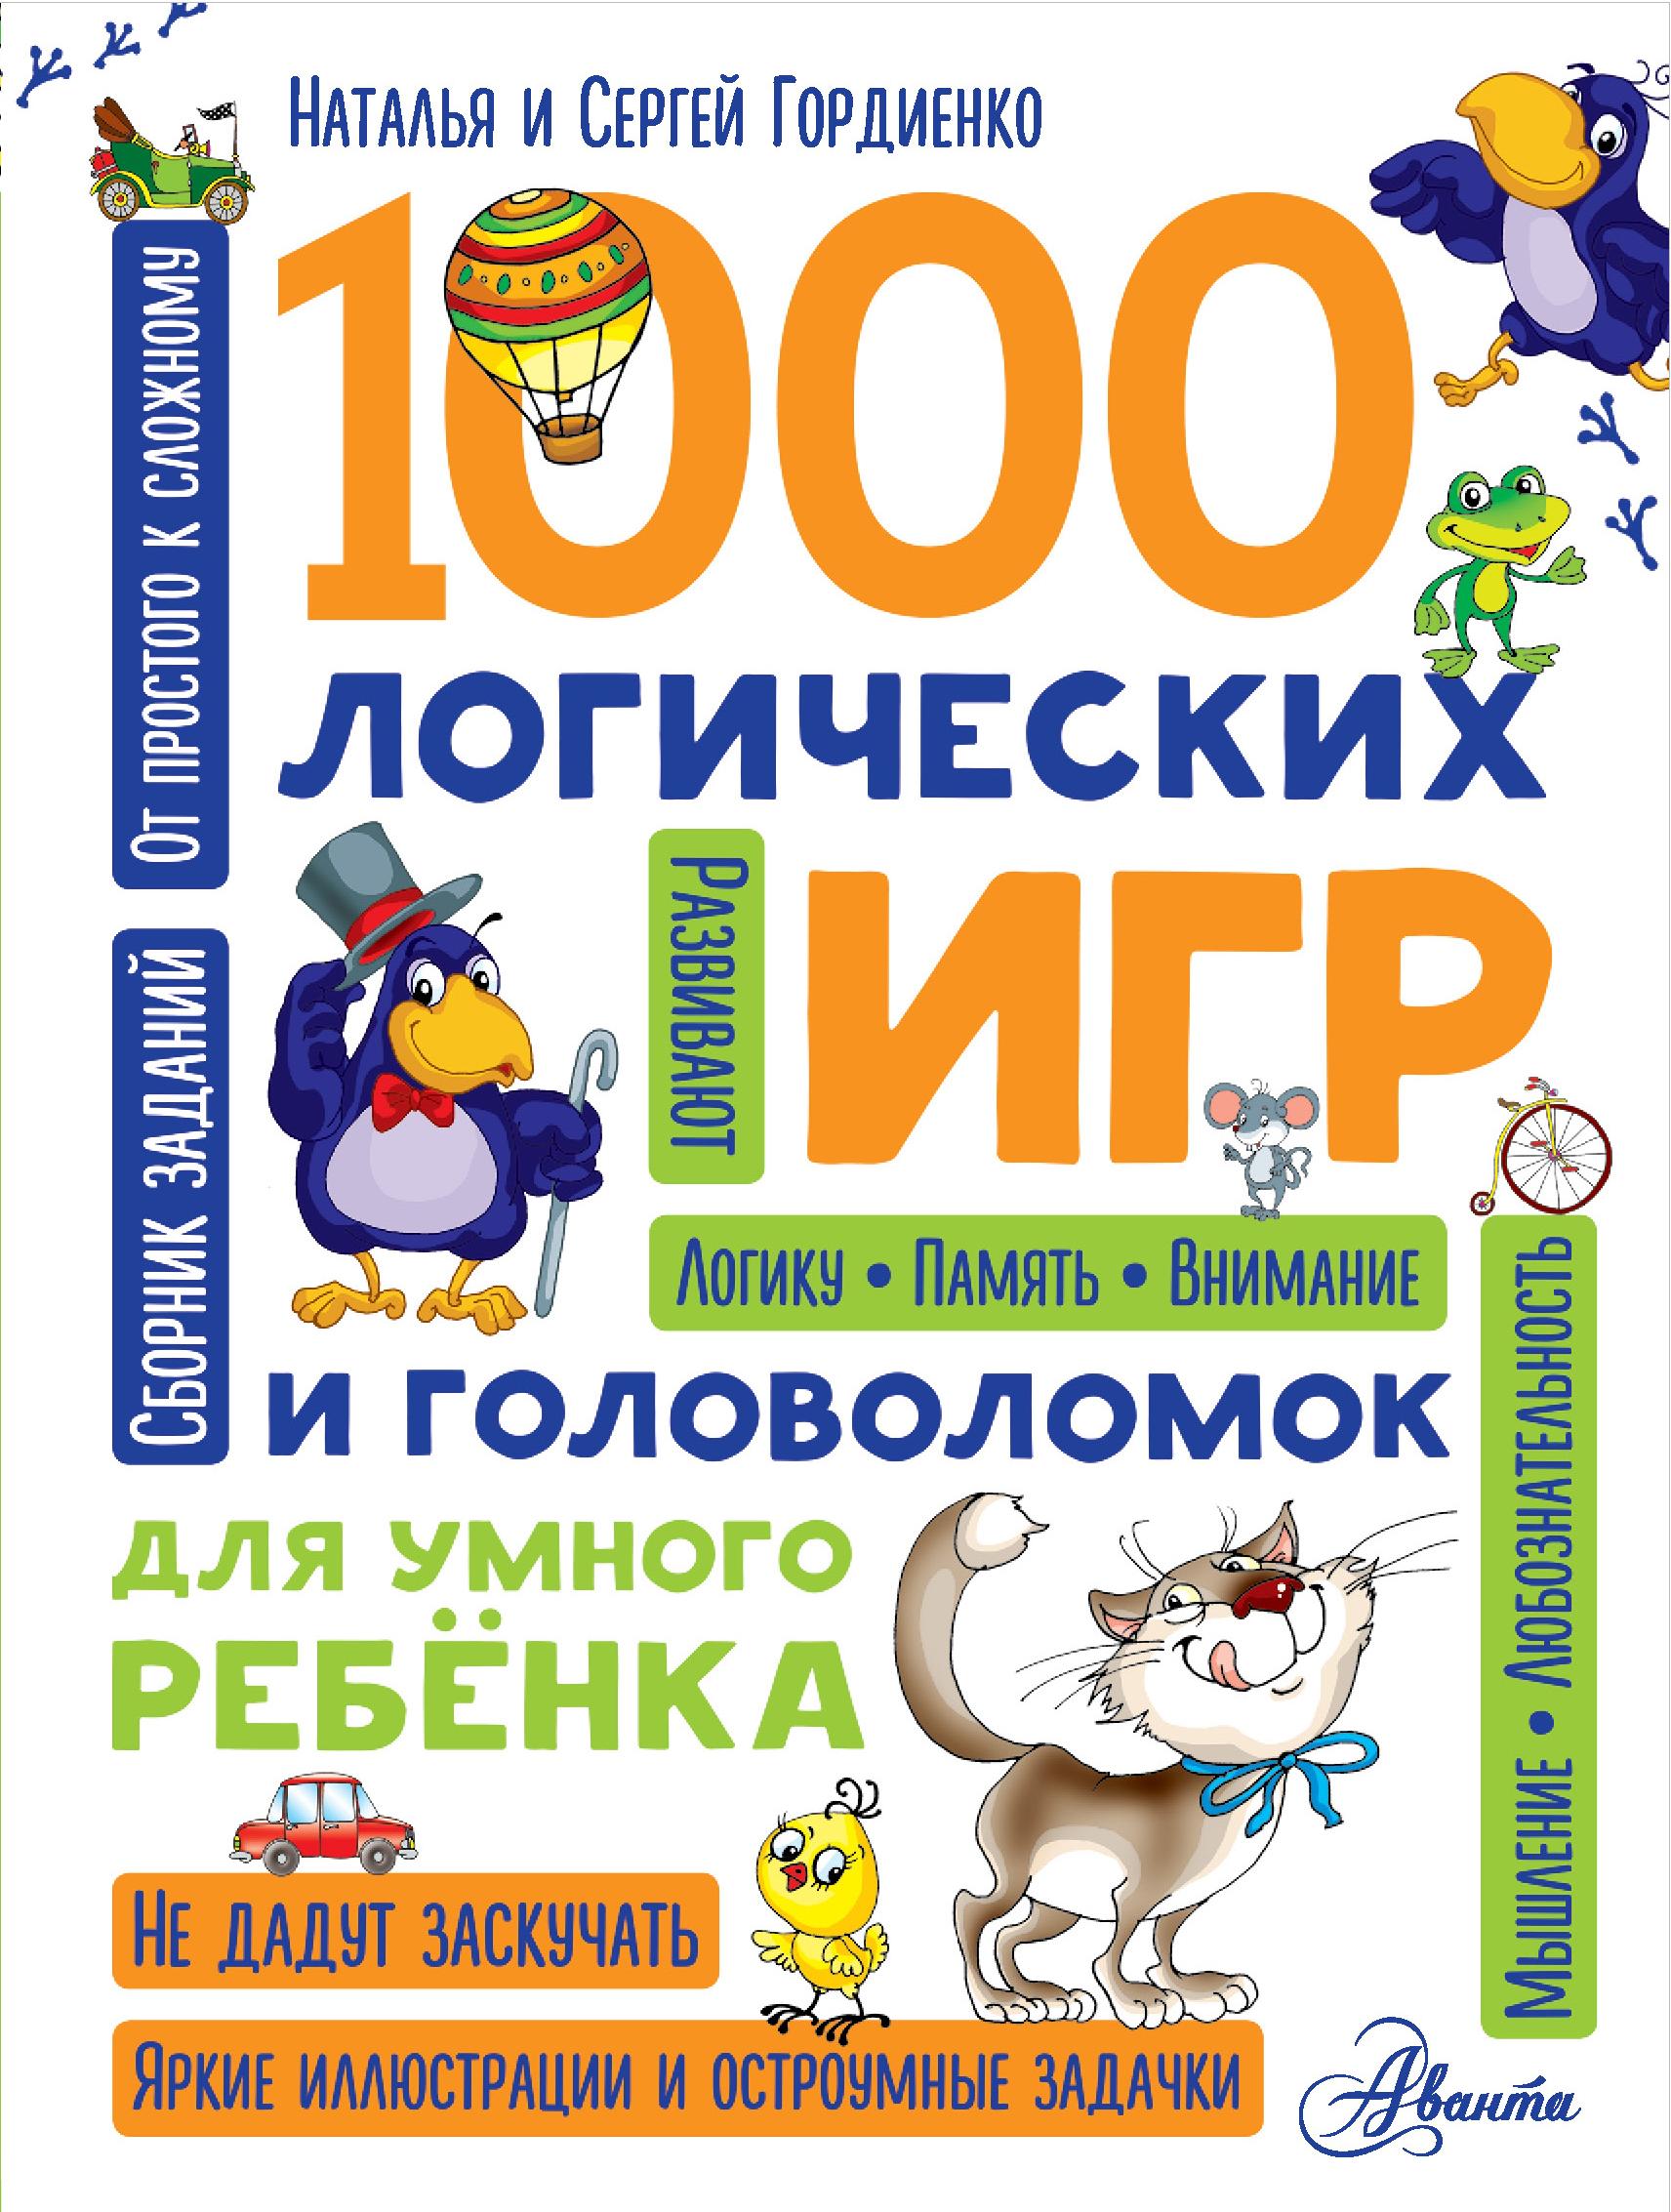 Гордиенко Н.И. 1000 логических игр и головоломок для умного ребенка евгений корнилов программирование шахмат и других логических игр